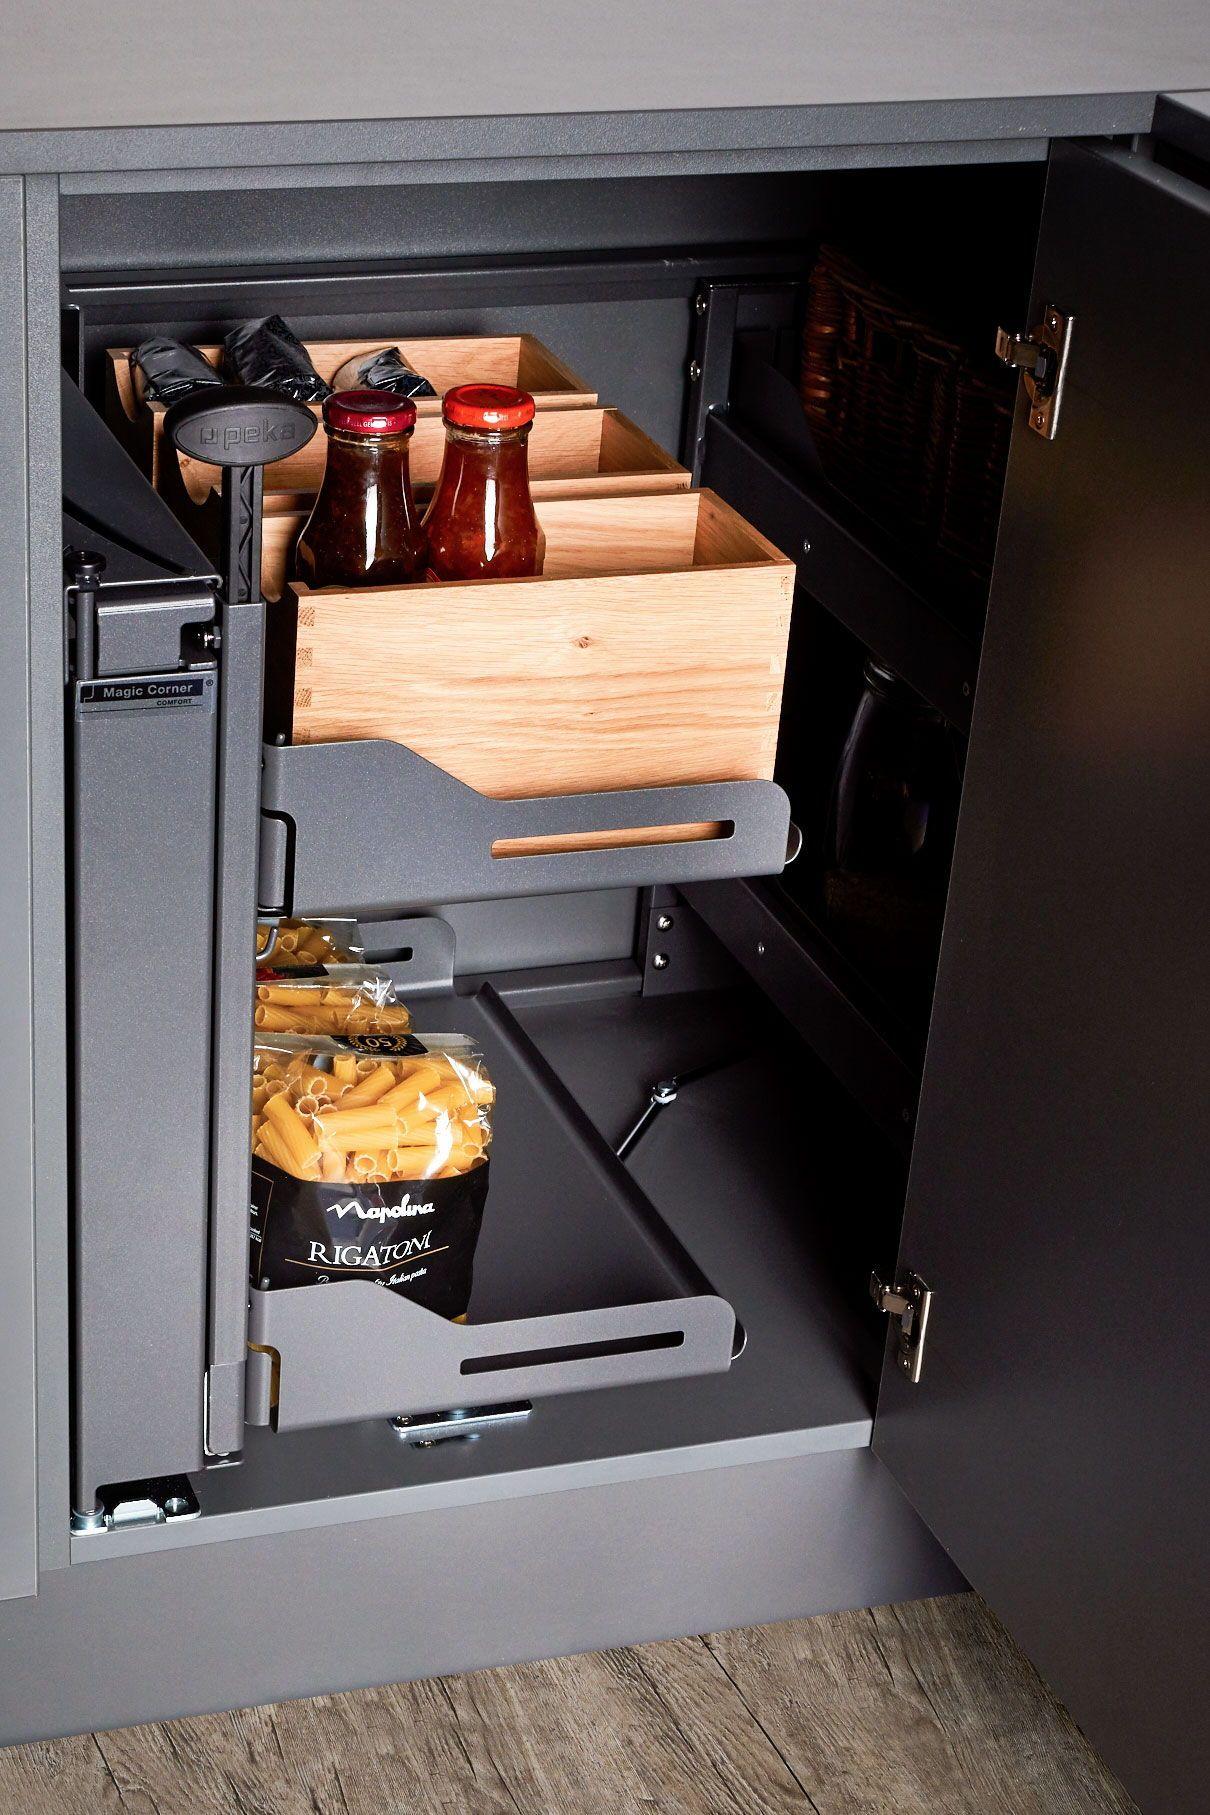 Full Size of Eckunterschrank Küche 60 X 90 Mömax Eckunterschrank Küche Ikea Küche Eckunterschrank Spüle Eckunterschrank Küche Buche Küche Eckunterschrank Küche